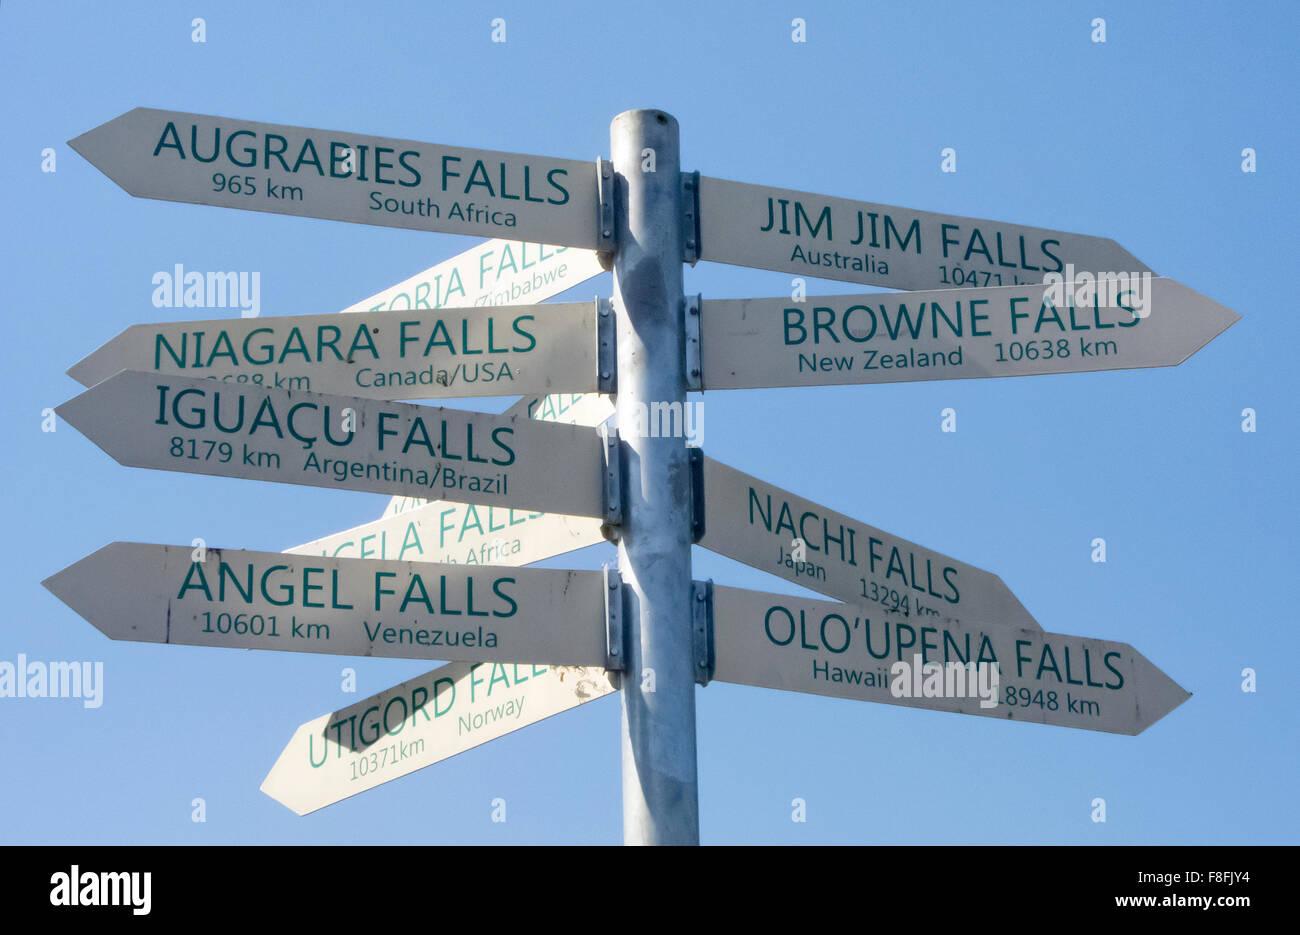 signpost with the most famous waterfalls of the world, Wegzeiger zu den beruehmtesten Wasserfaellen der Welt - Stock Image